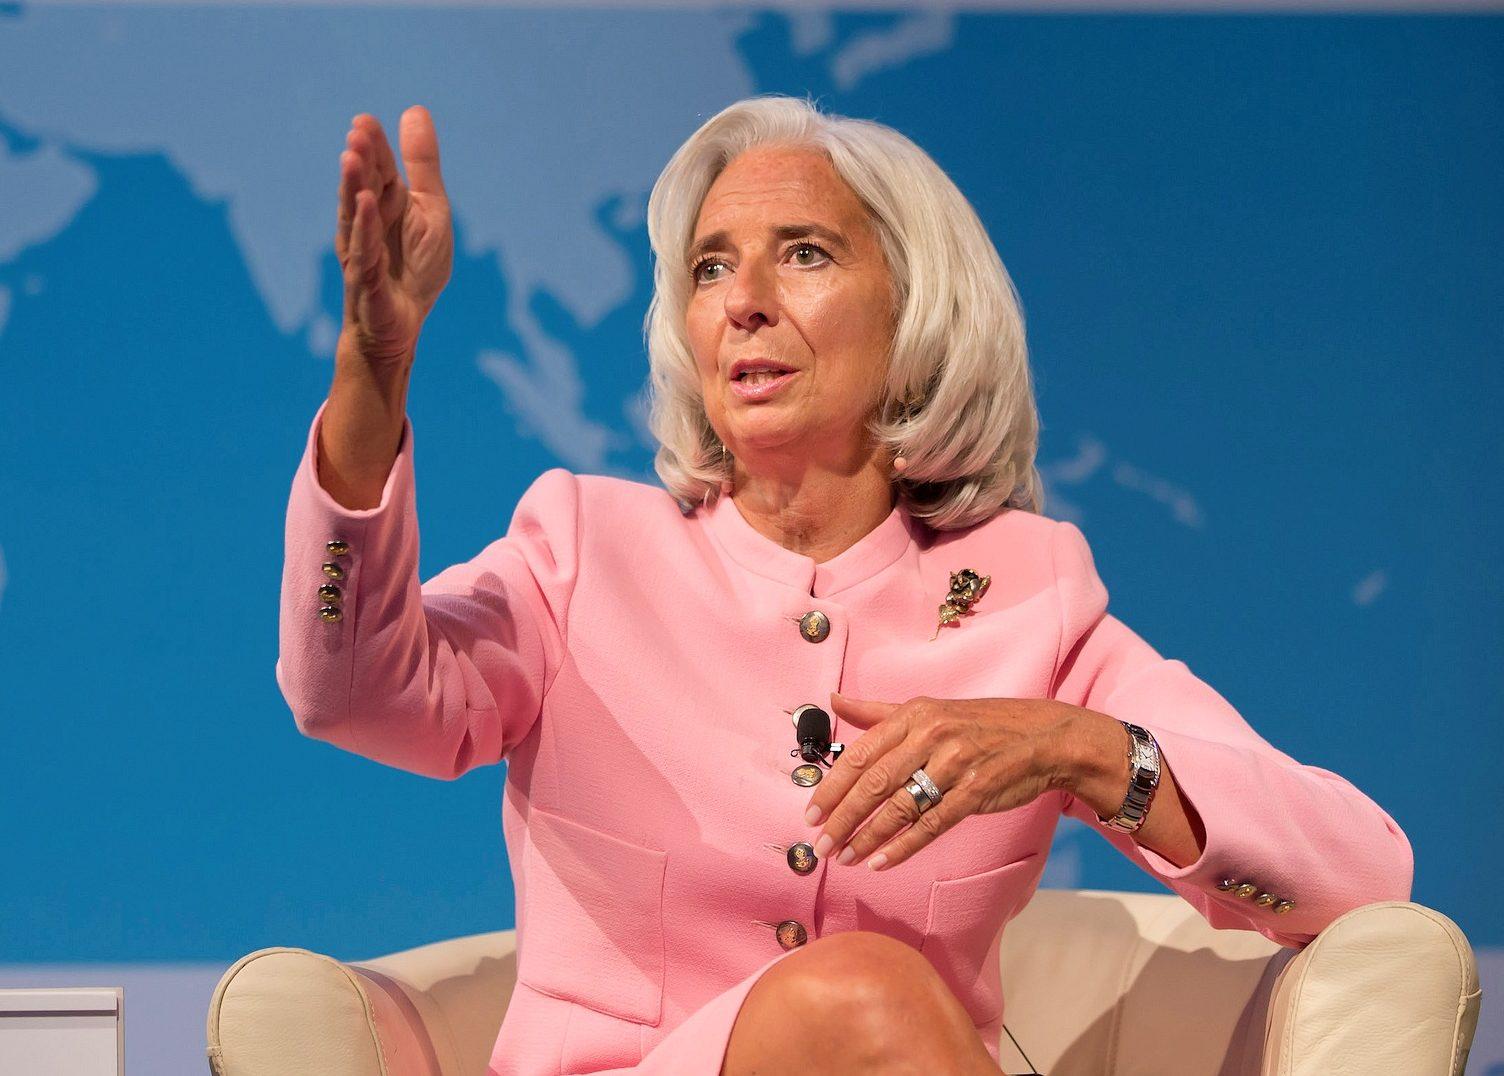 Руководитель МВФ призвала «быстро» реструктурировать оставшийся суверенный долг государства Украины